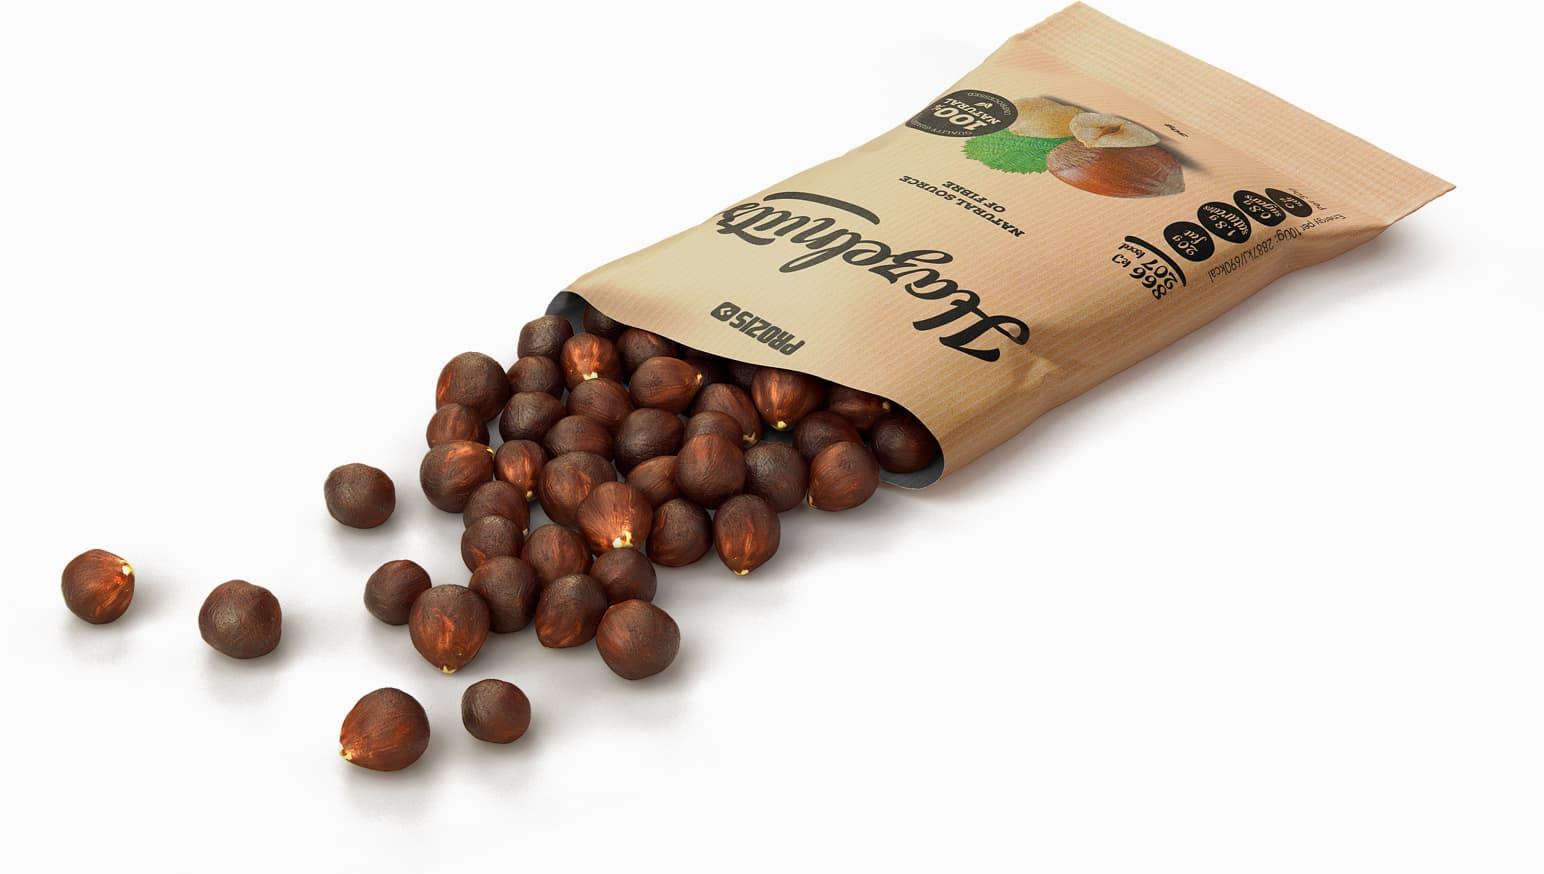 Prozis Hazelnuts